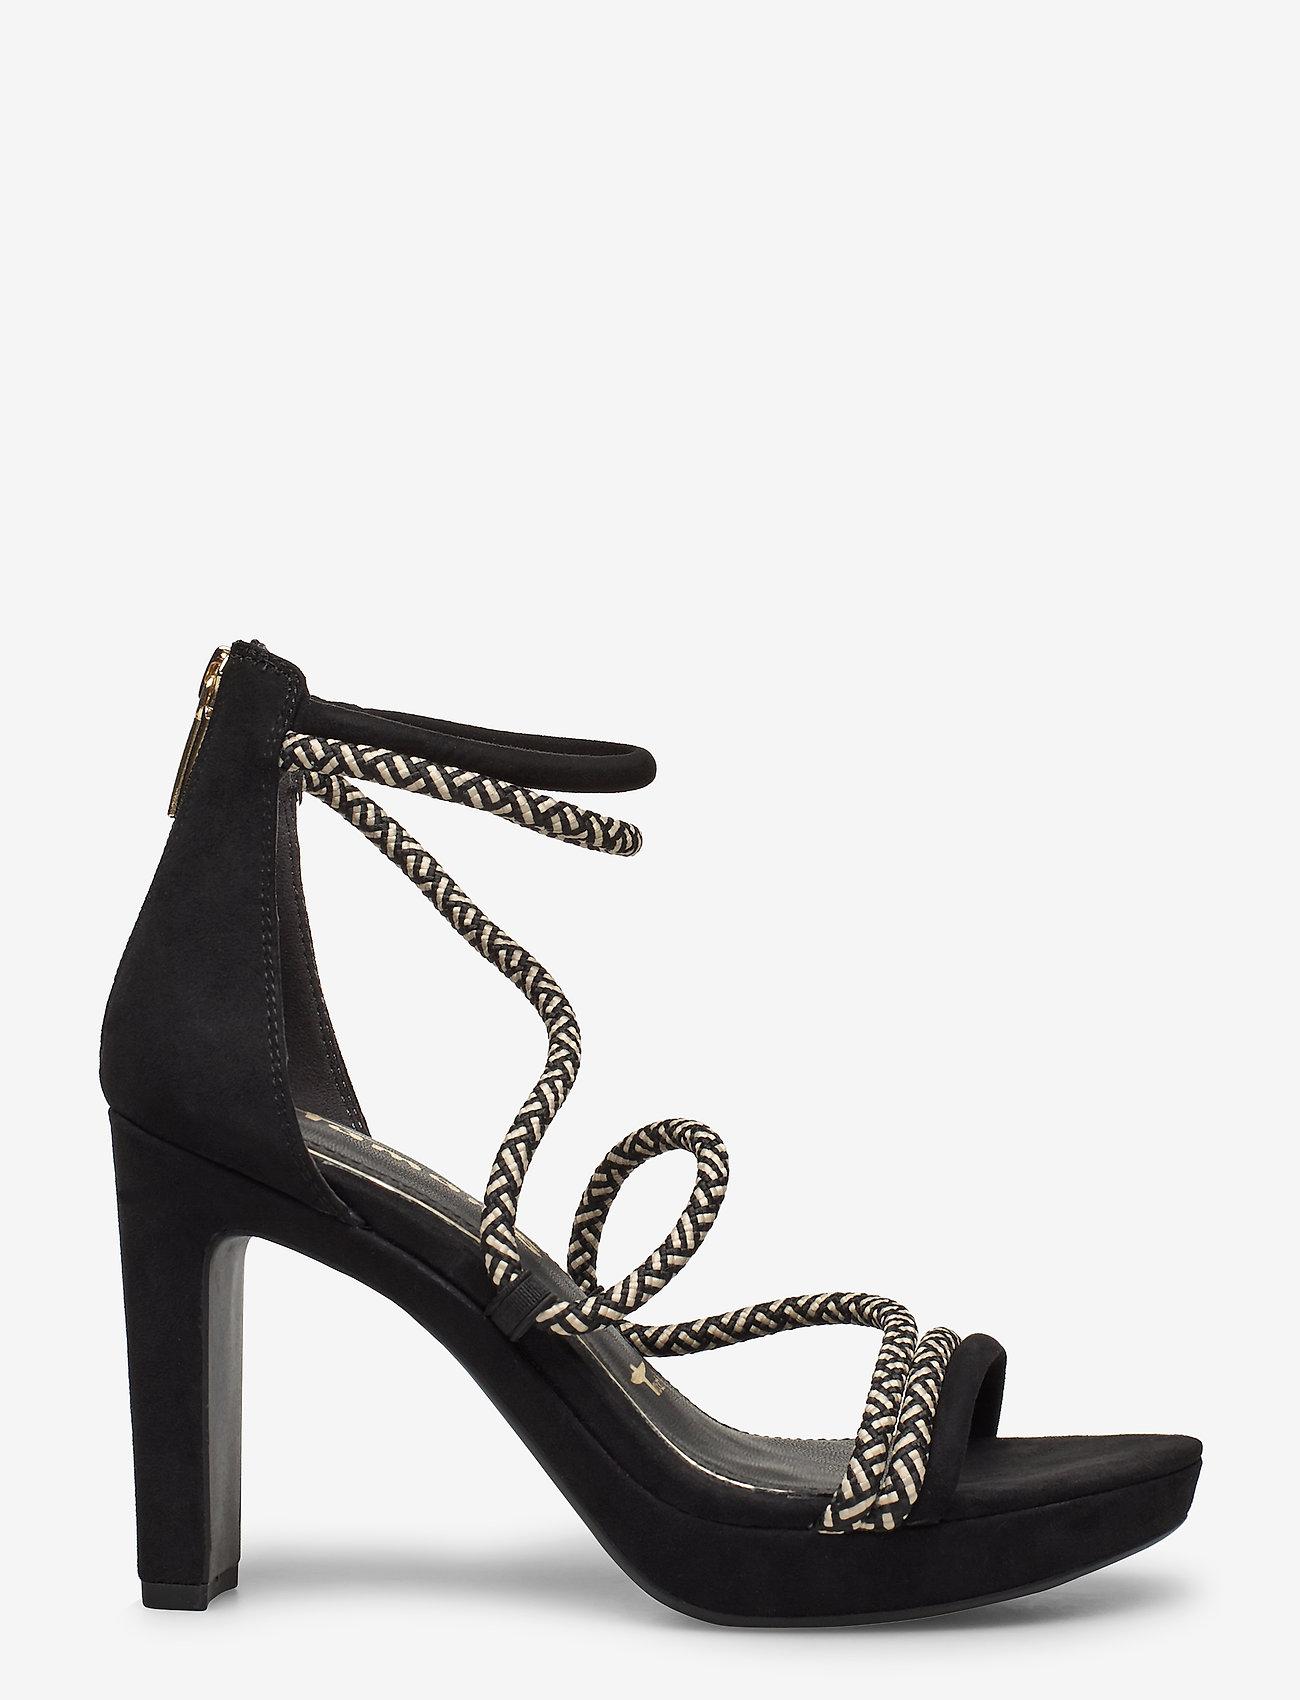 Woms Sandals (Black) - Tamaris G2fiub